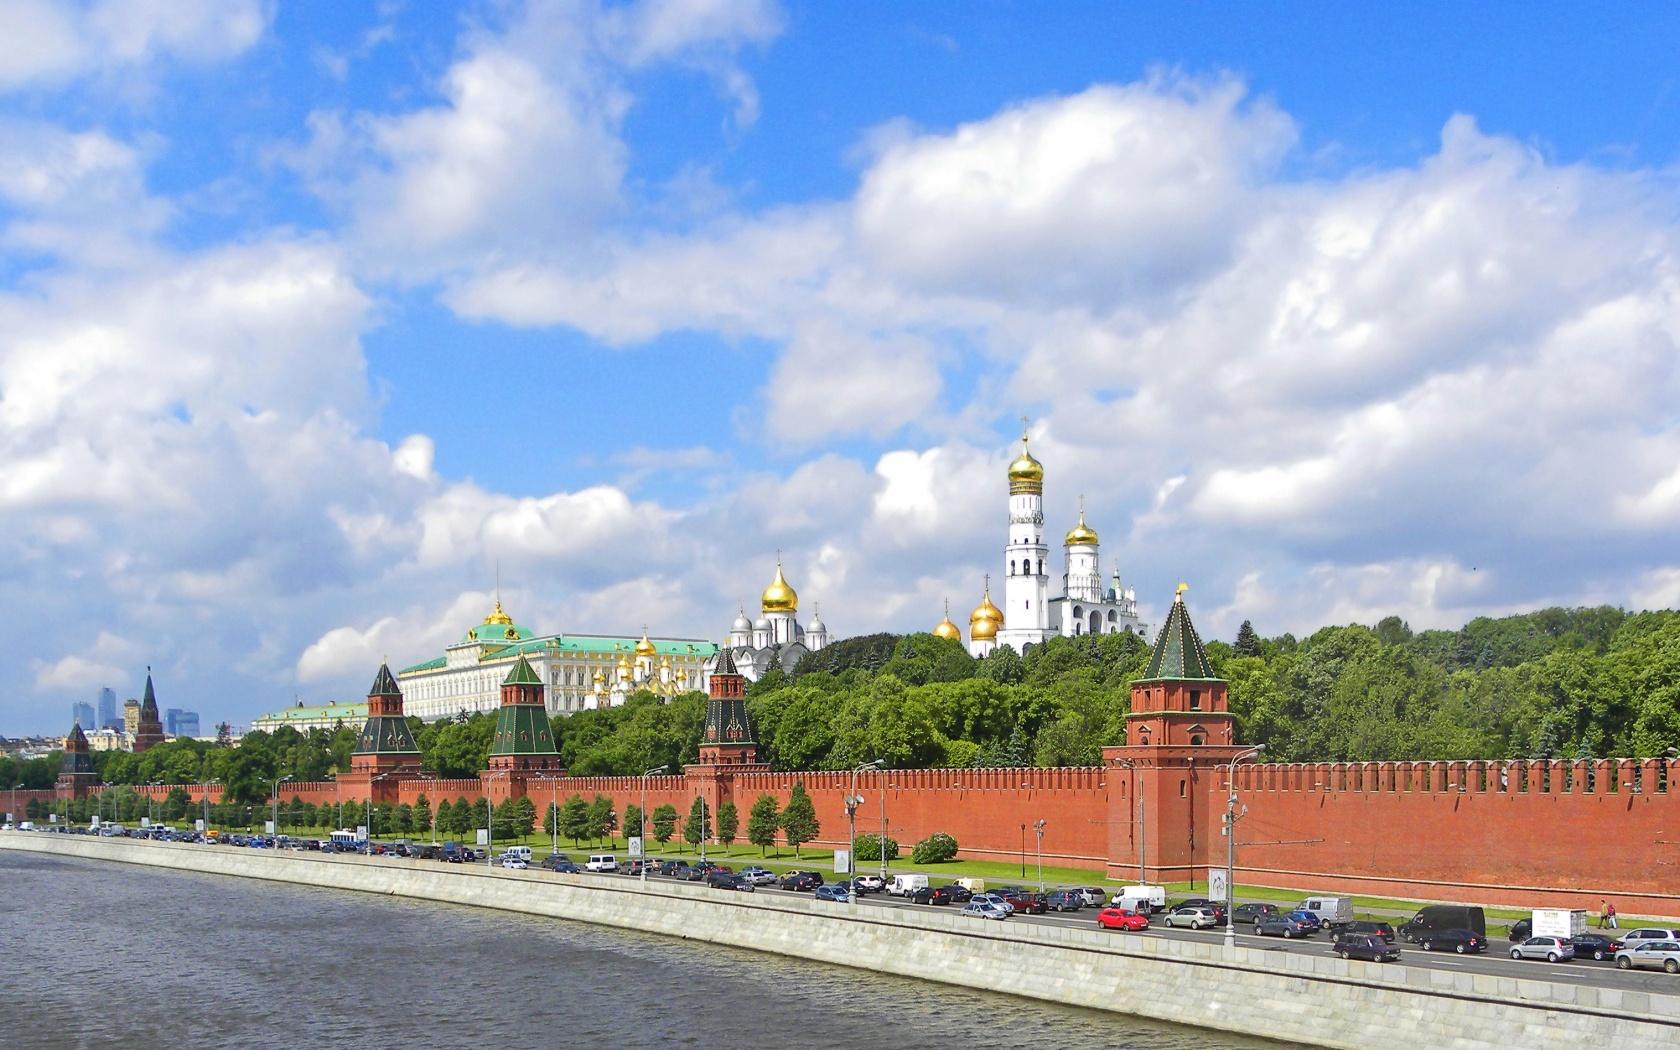 Обои для рабочего стола московская область